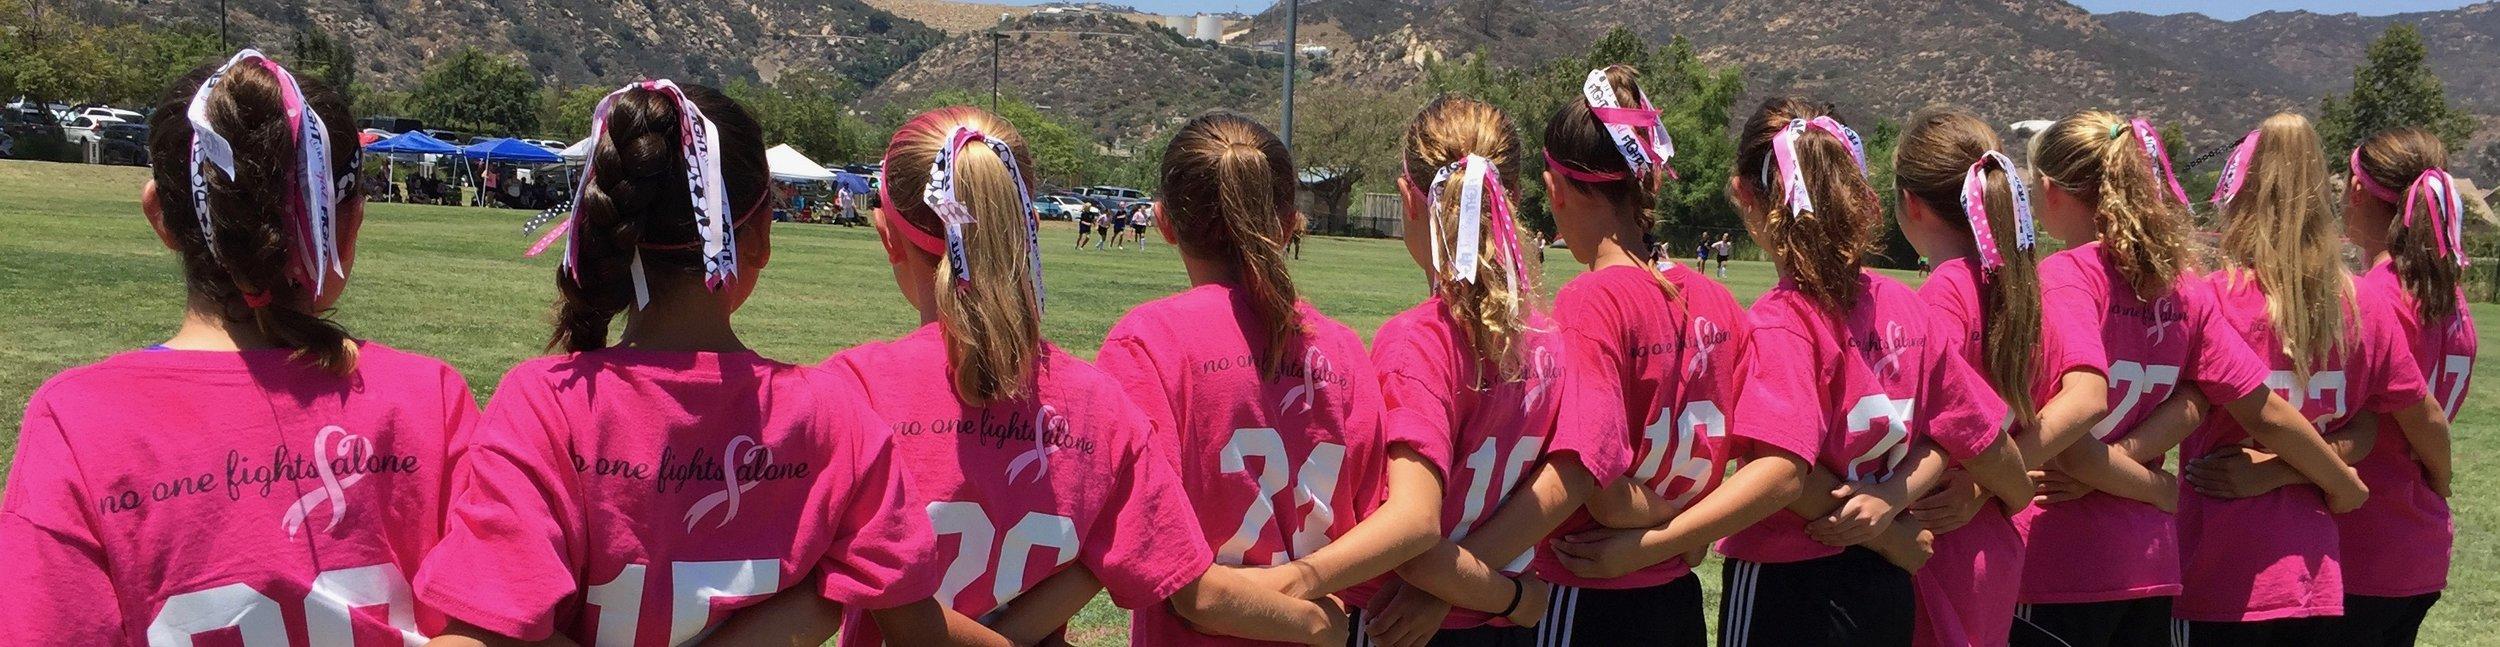 pink-hair-bows-in-line.jpg